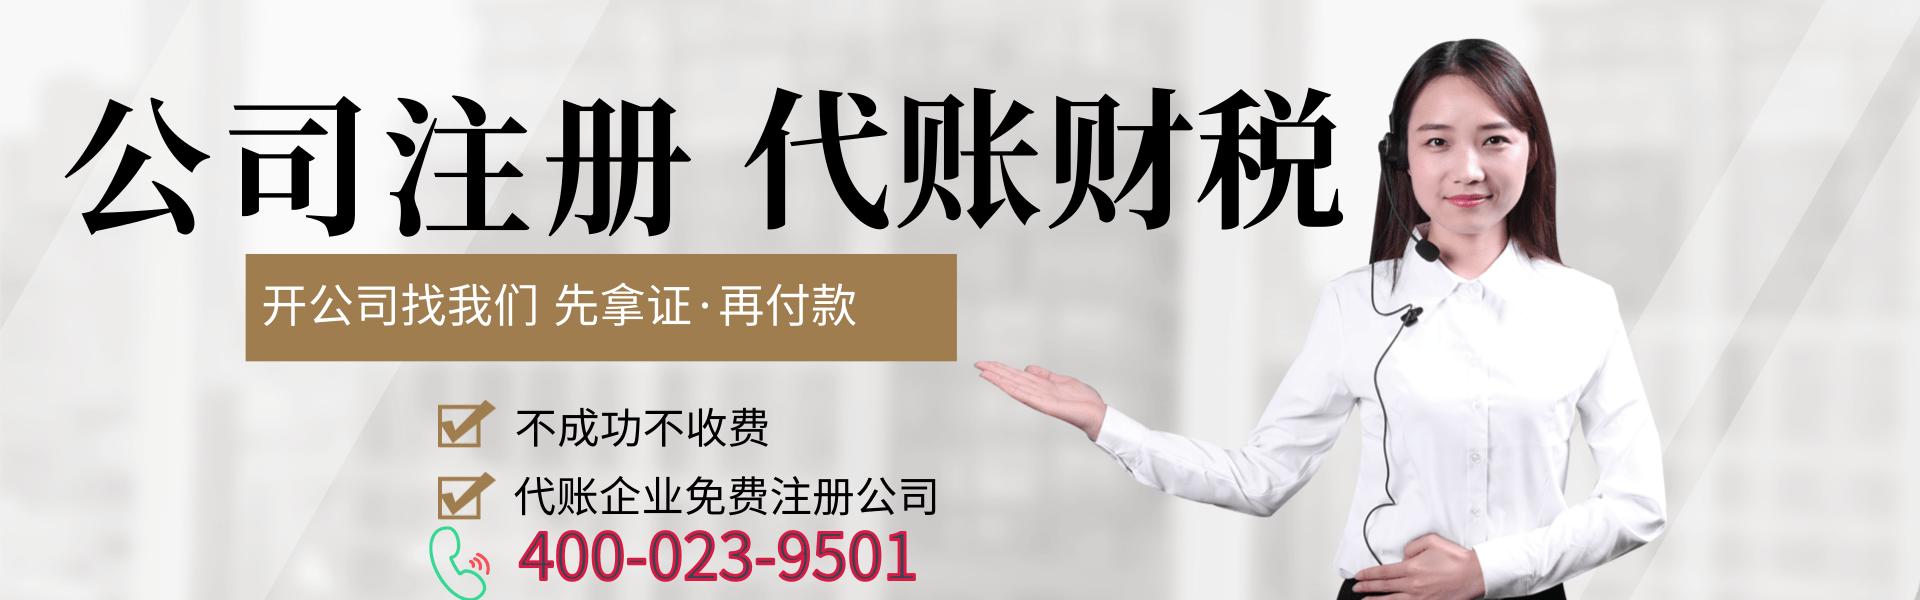 大竹公司注册,大竹代账报税,重庆注册公司,重庆工商代办